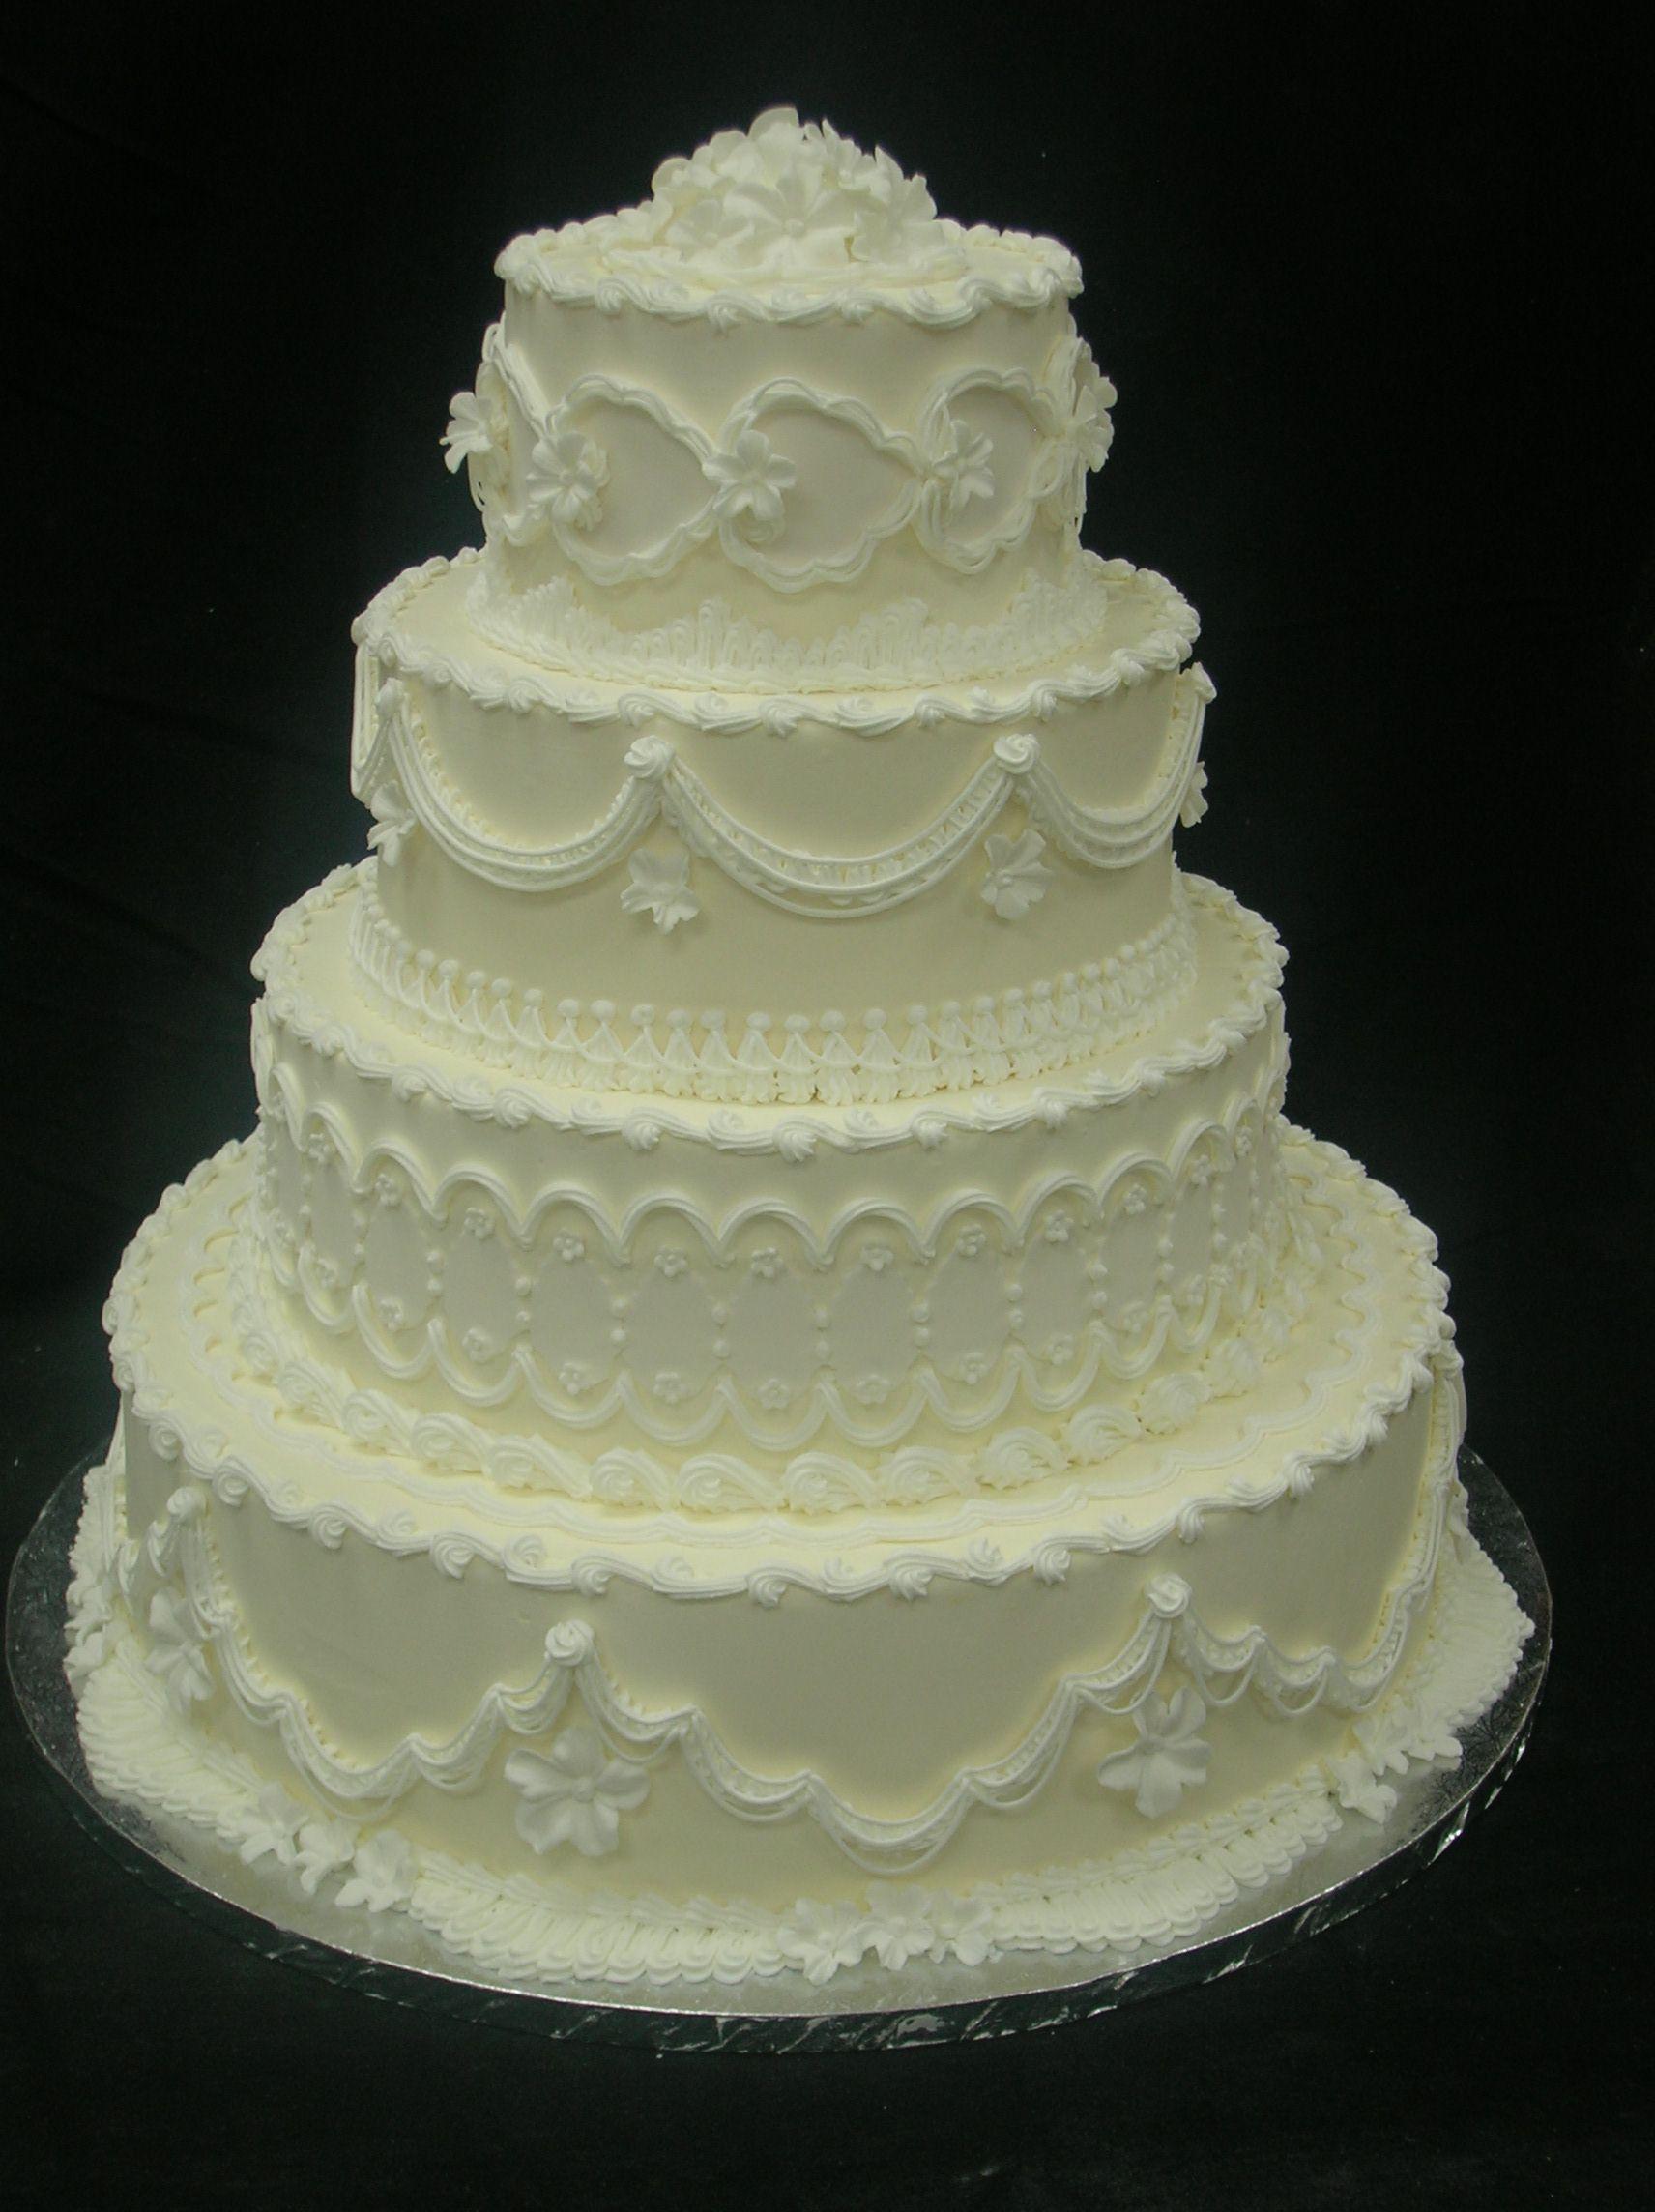 Butercream Wedding Cake Design 125 Strossner S Bakery Catering Flowers Gifts In Greenville Sc